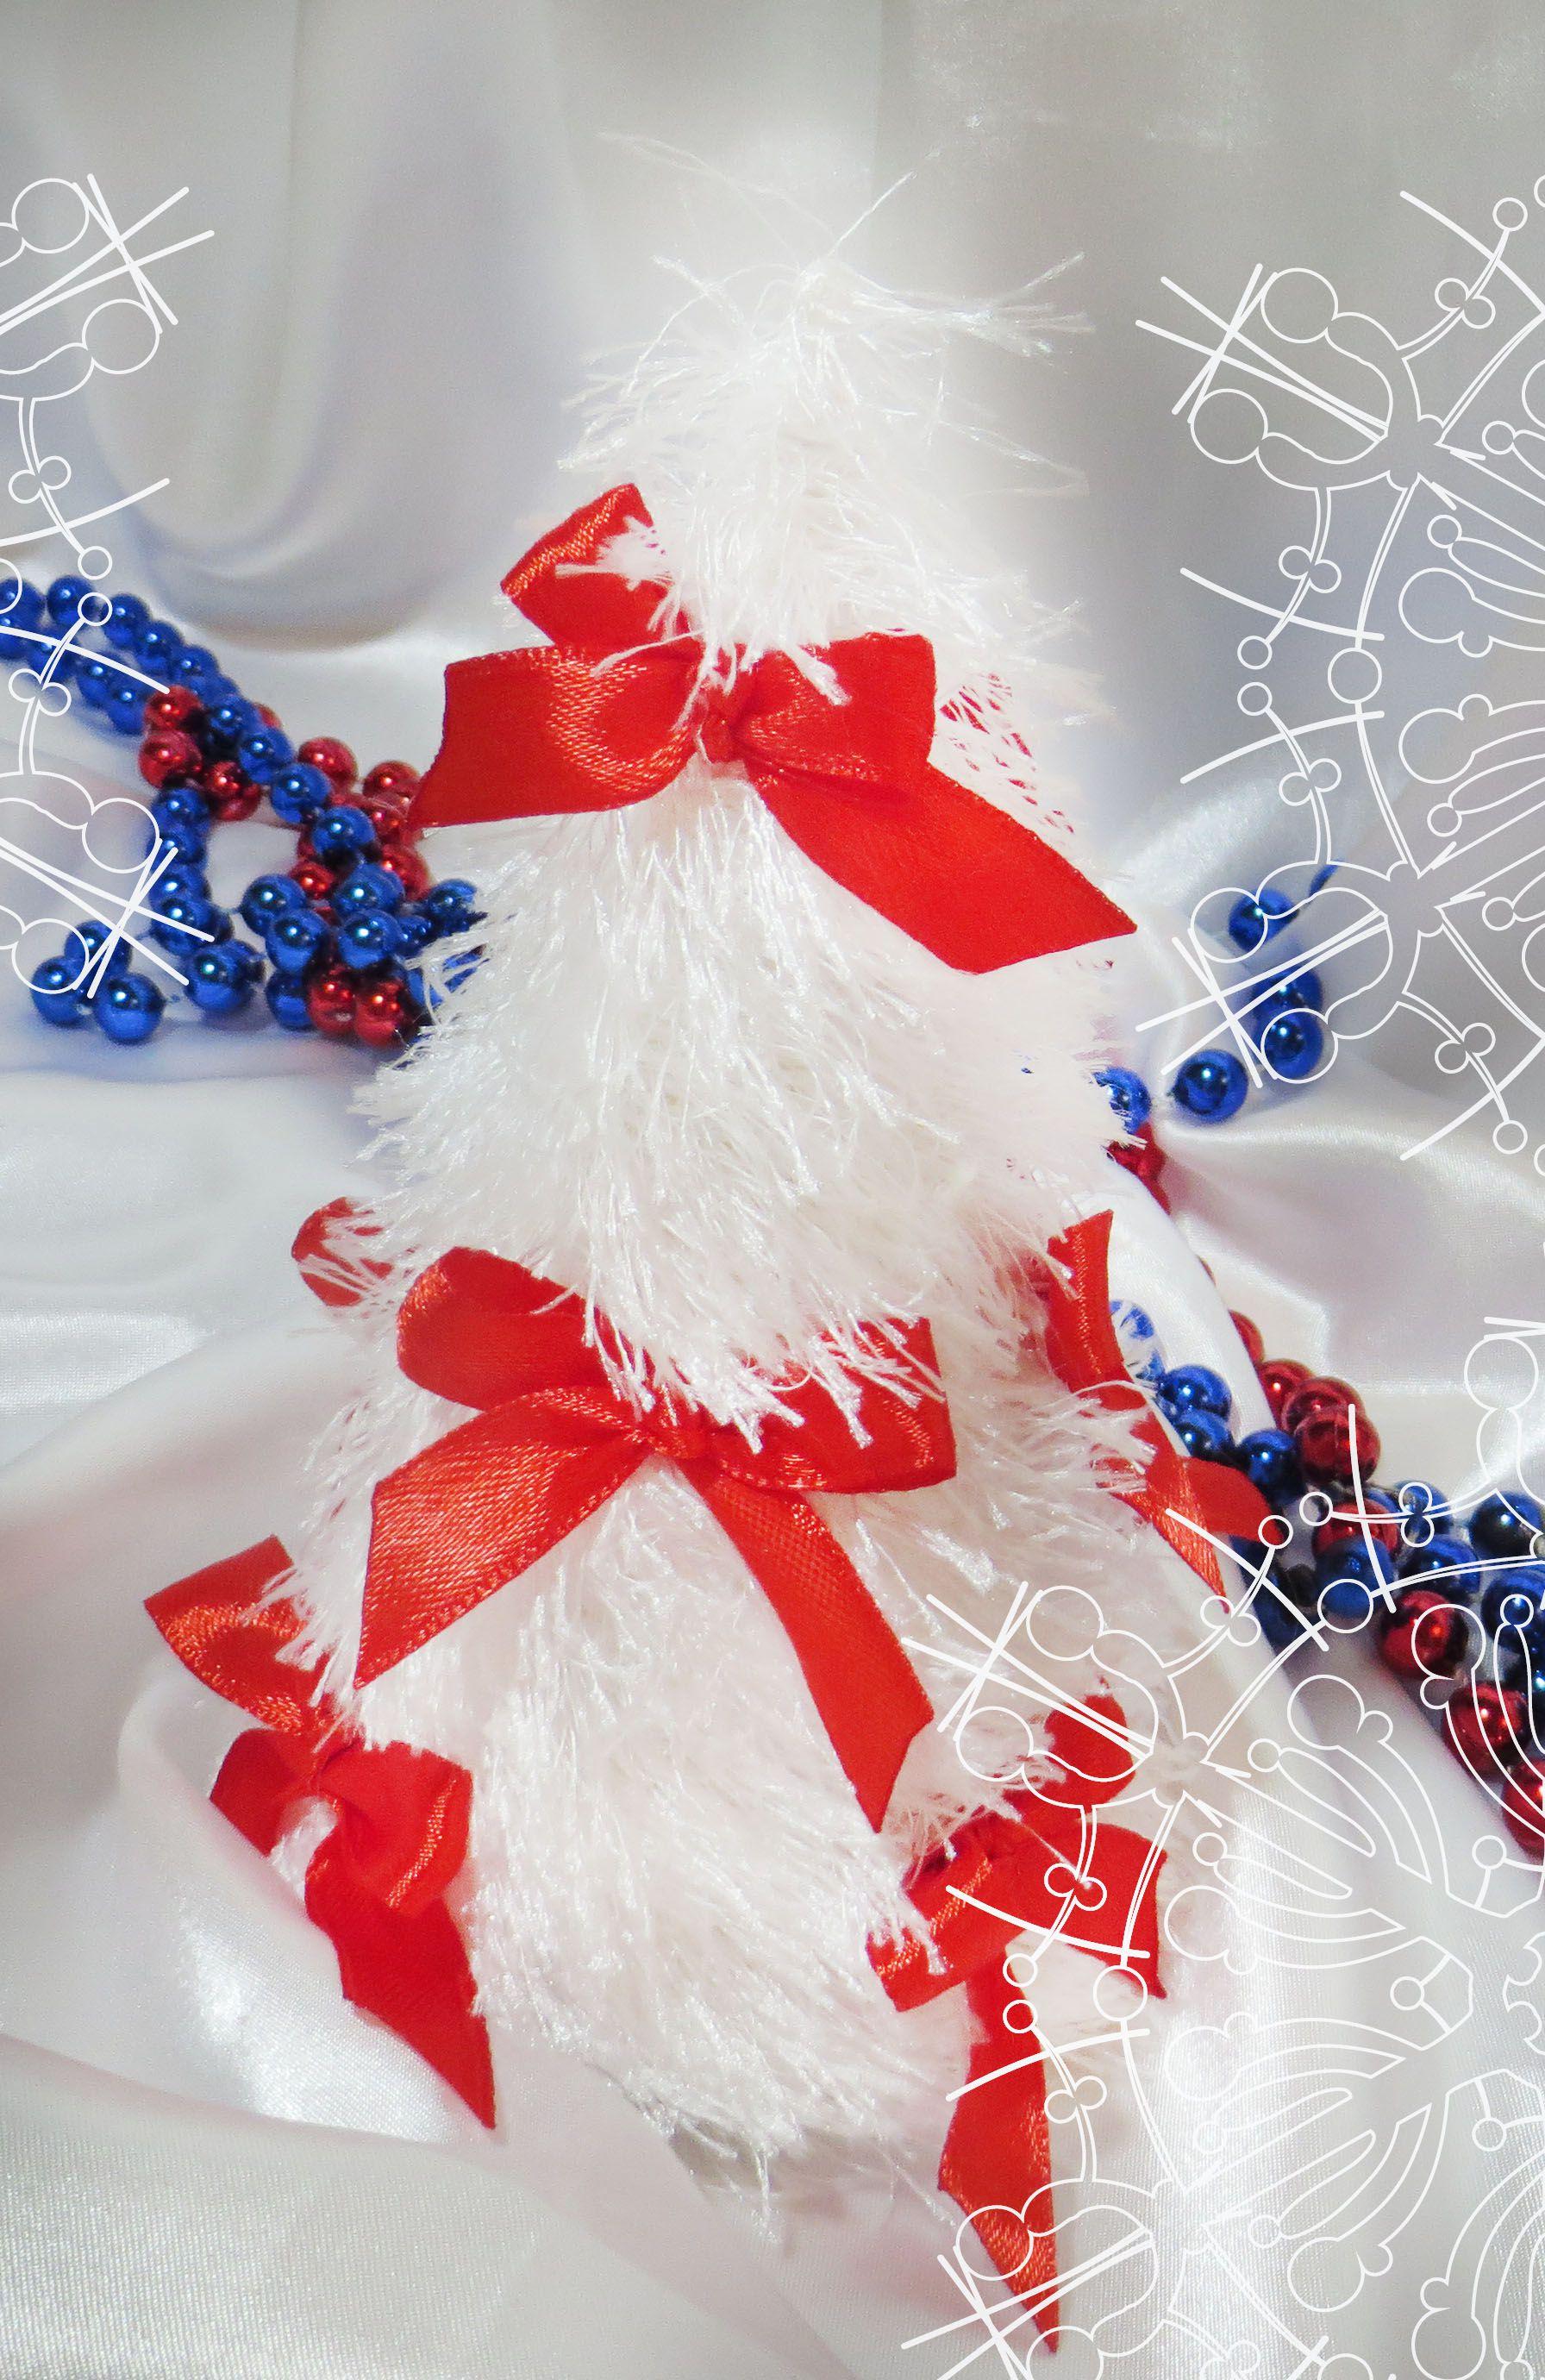 елочки hademade подарки сувениры ручнаяработа новыйгод